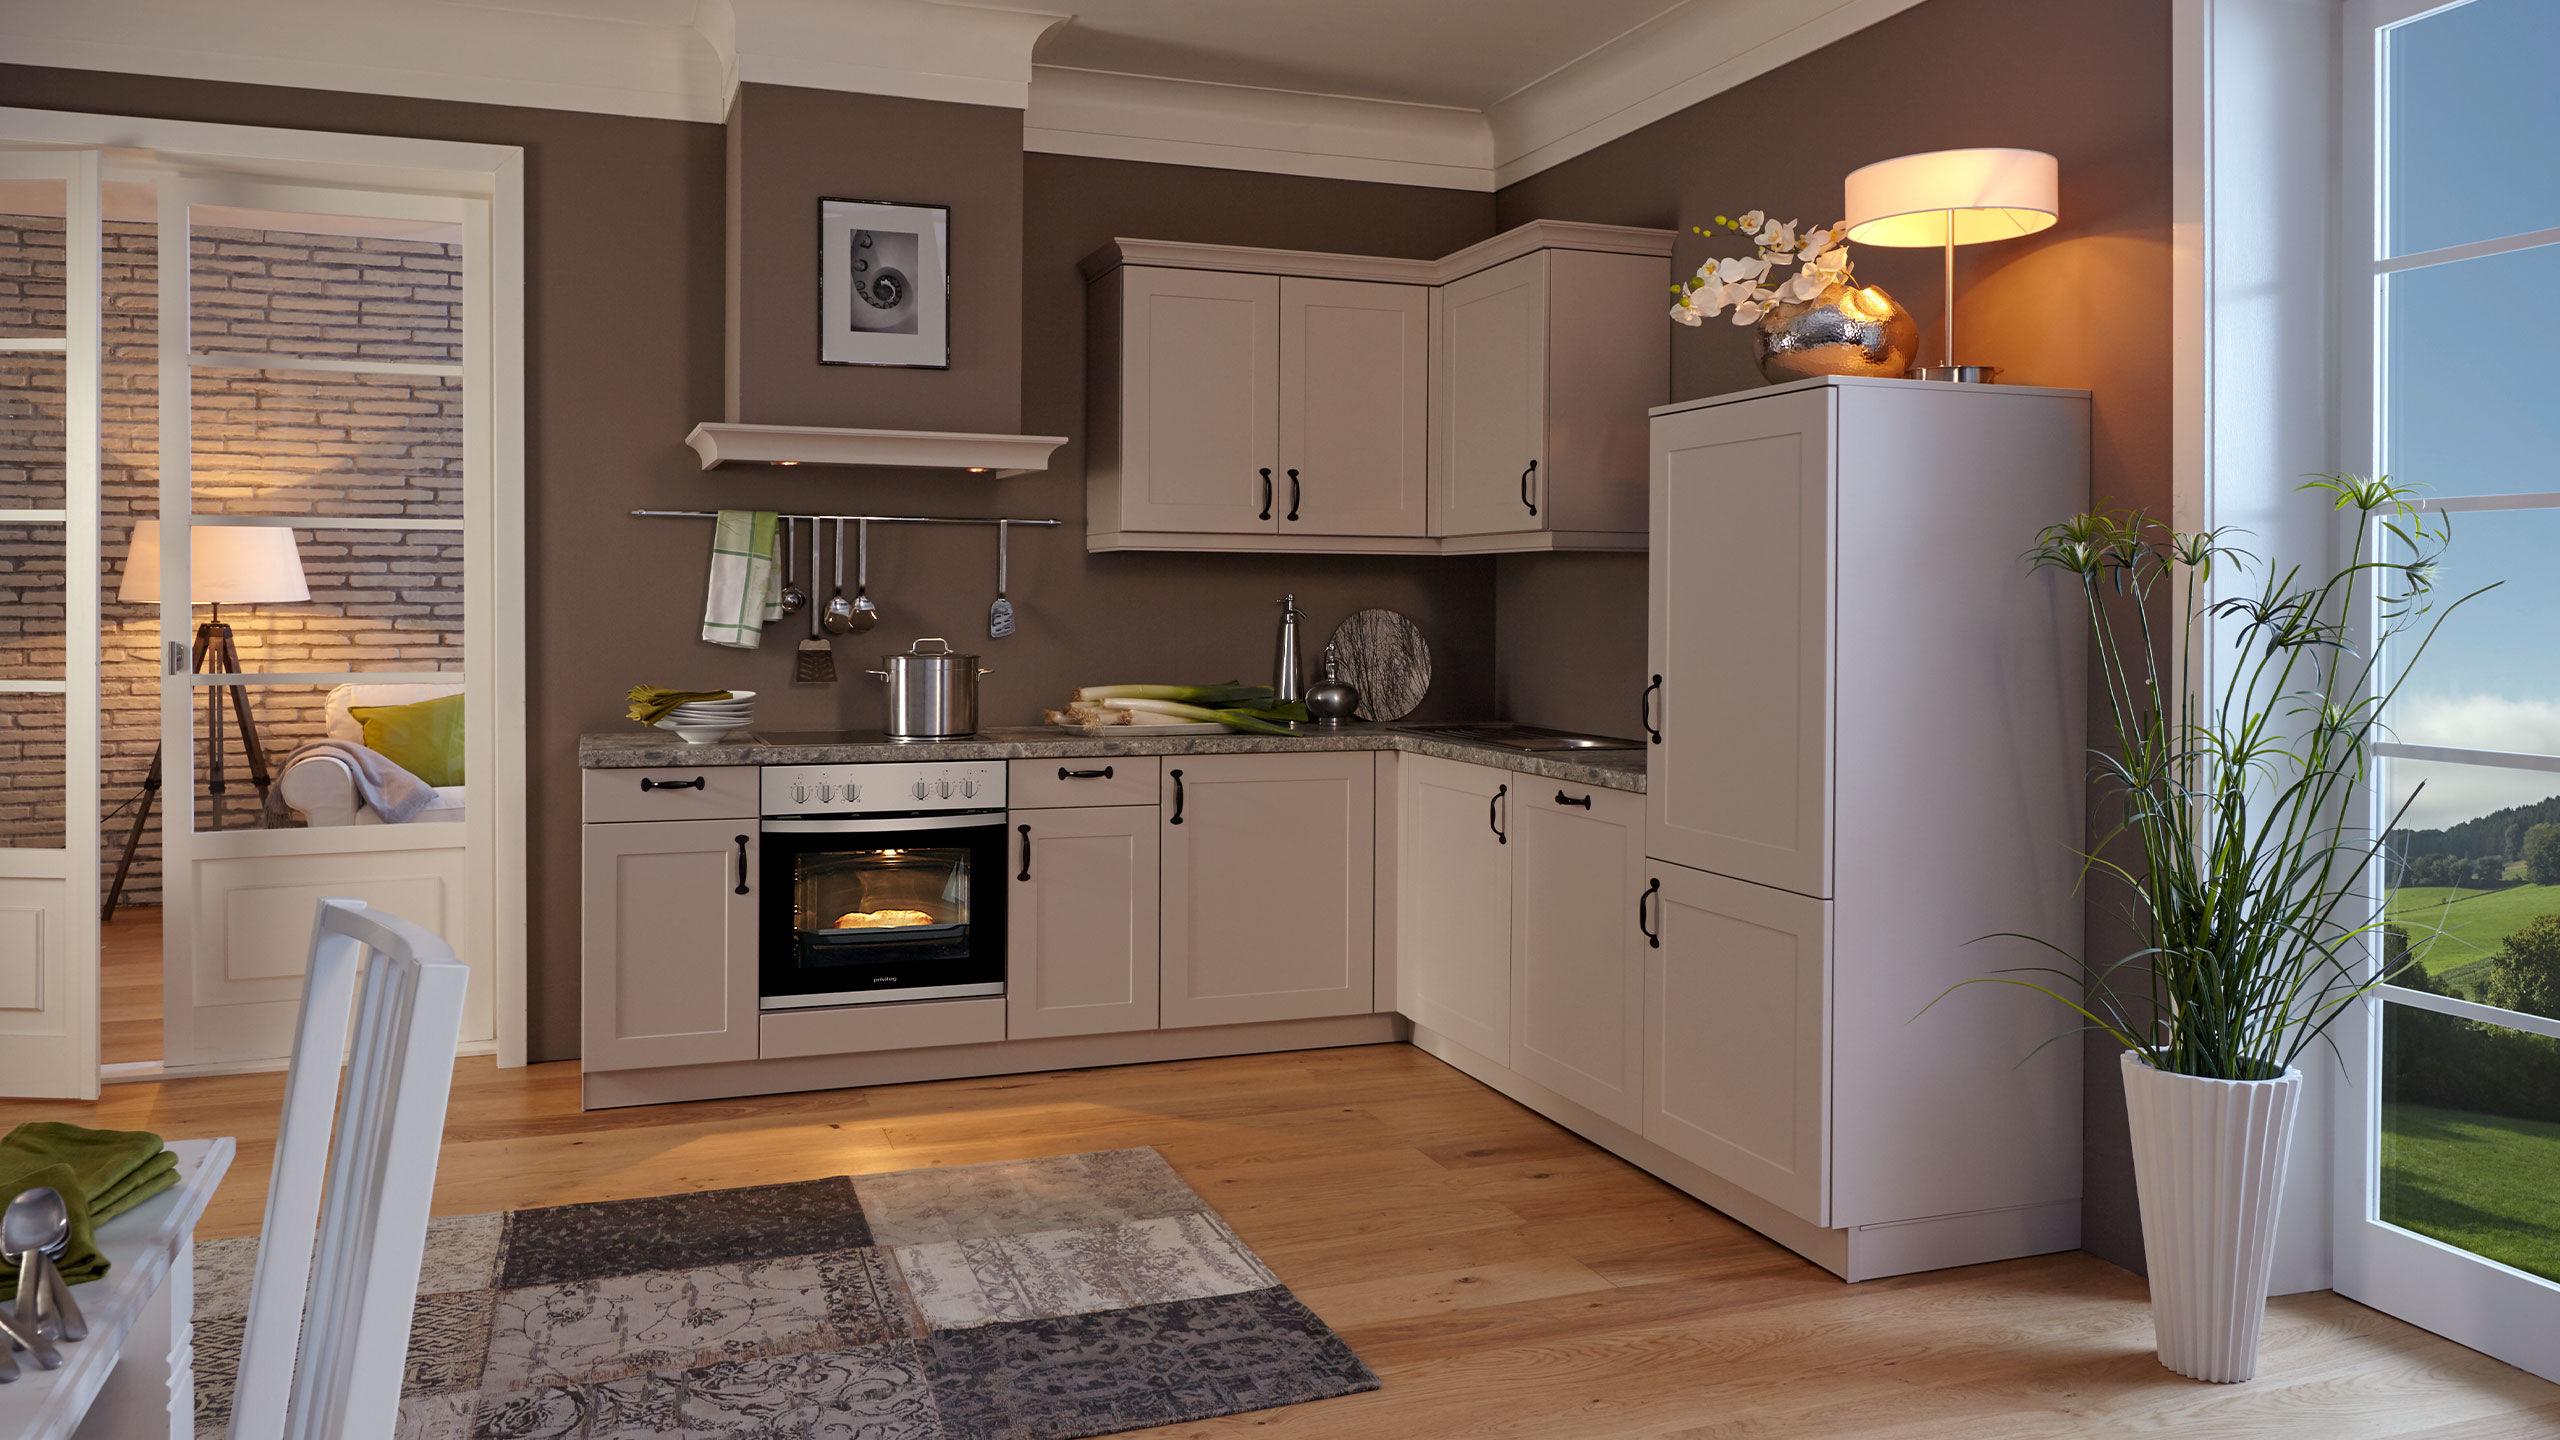 Full Size of Küche L Form Gebraucht Kaufen Günstige Küche L Form Küche L Form Ohne Hängeschränke Küche L Form Mit Elektrogeräten Küche Küche L Form